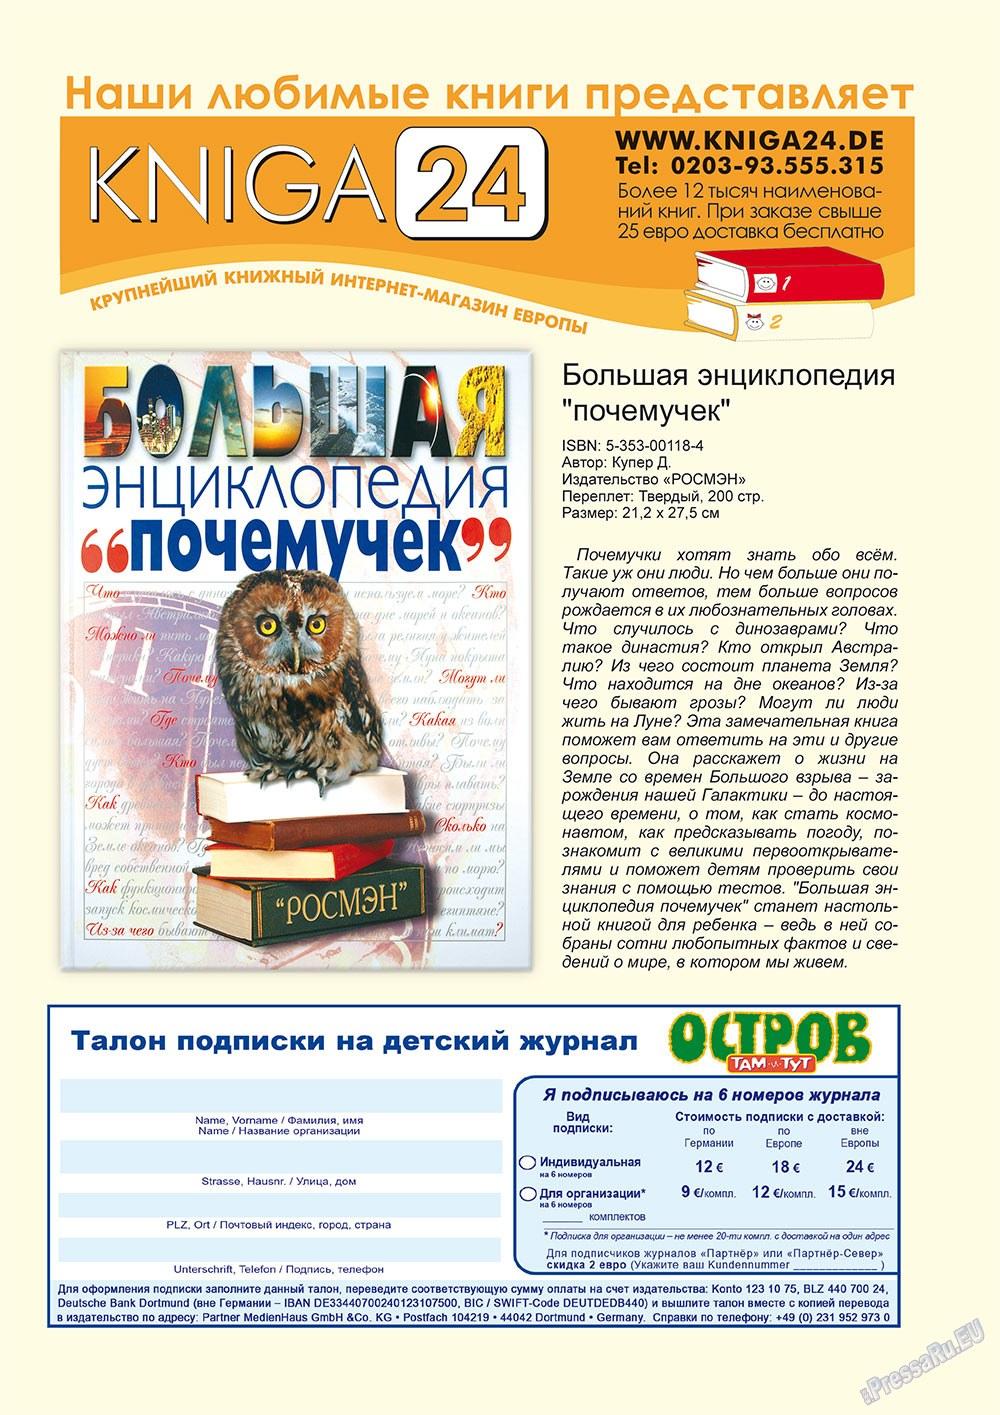 Остров там и тут (журнал). 2011 год, номер 2, стр. 23